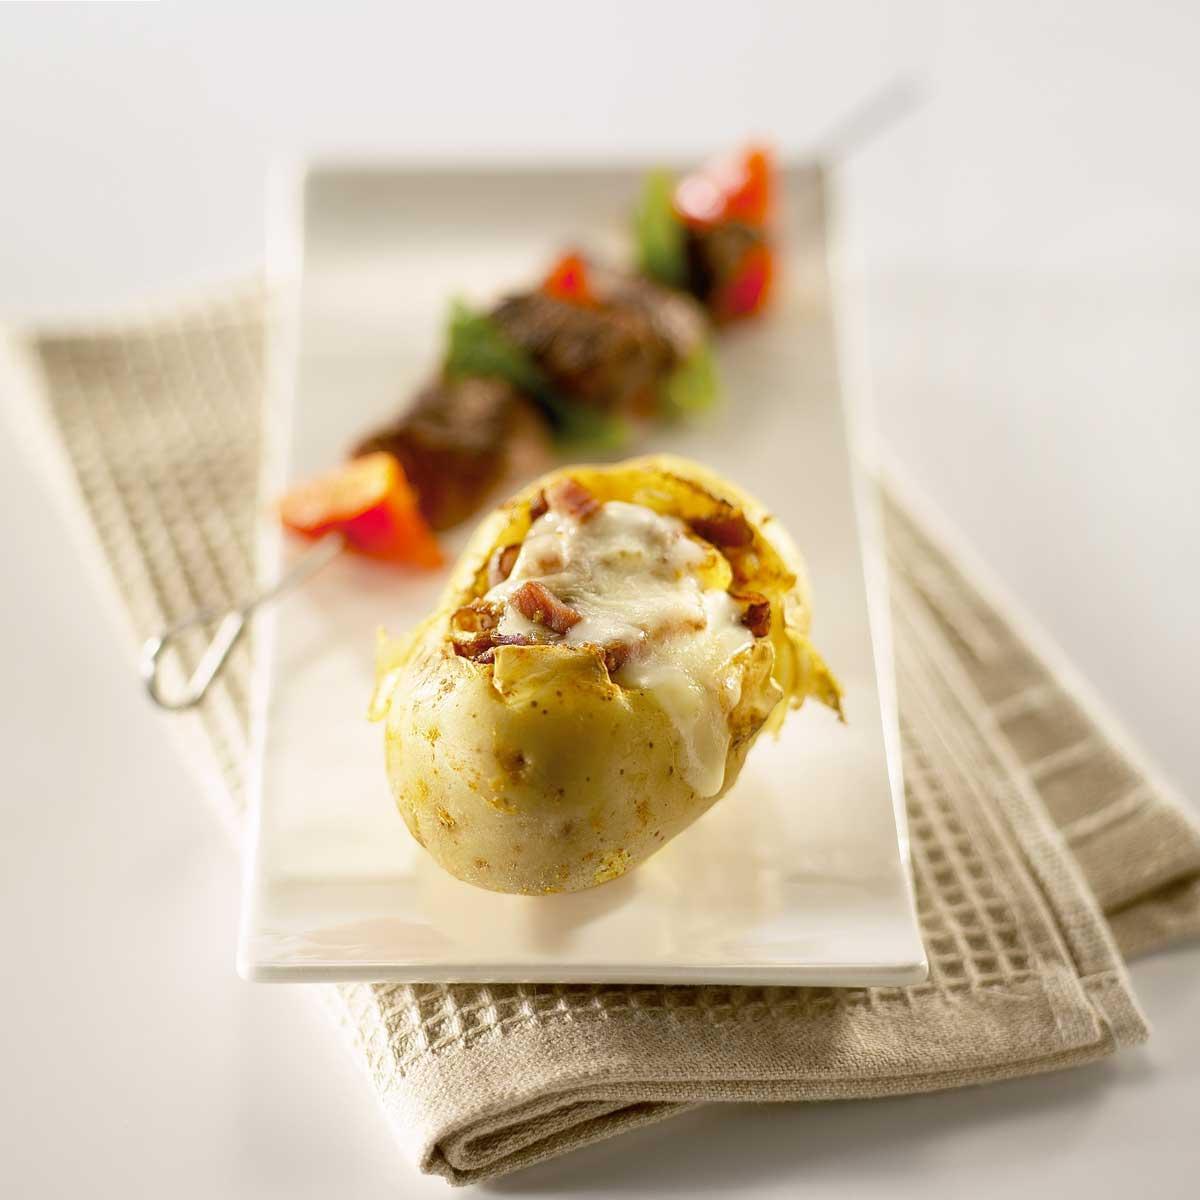 Recette pomme de terre surprise au reblochon cuisine for Rangement pomme de terre cuisine